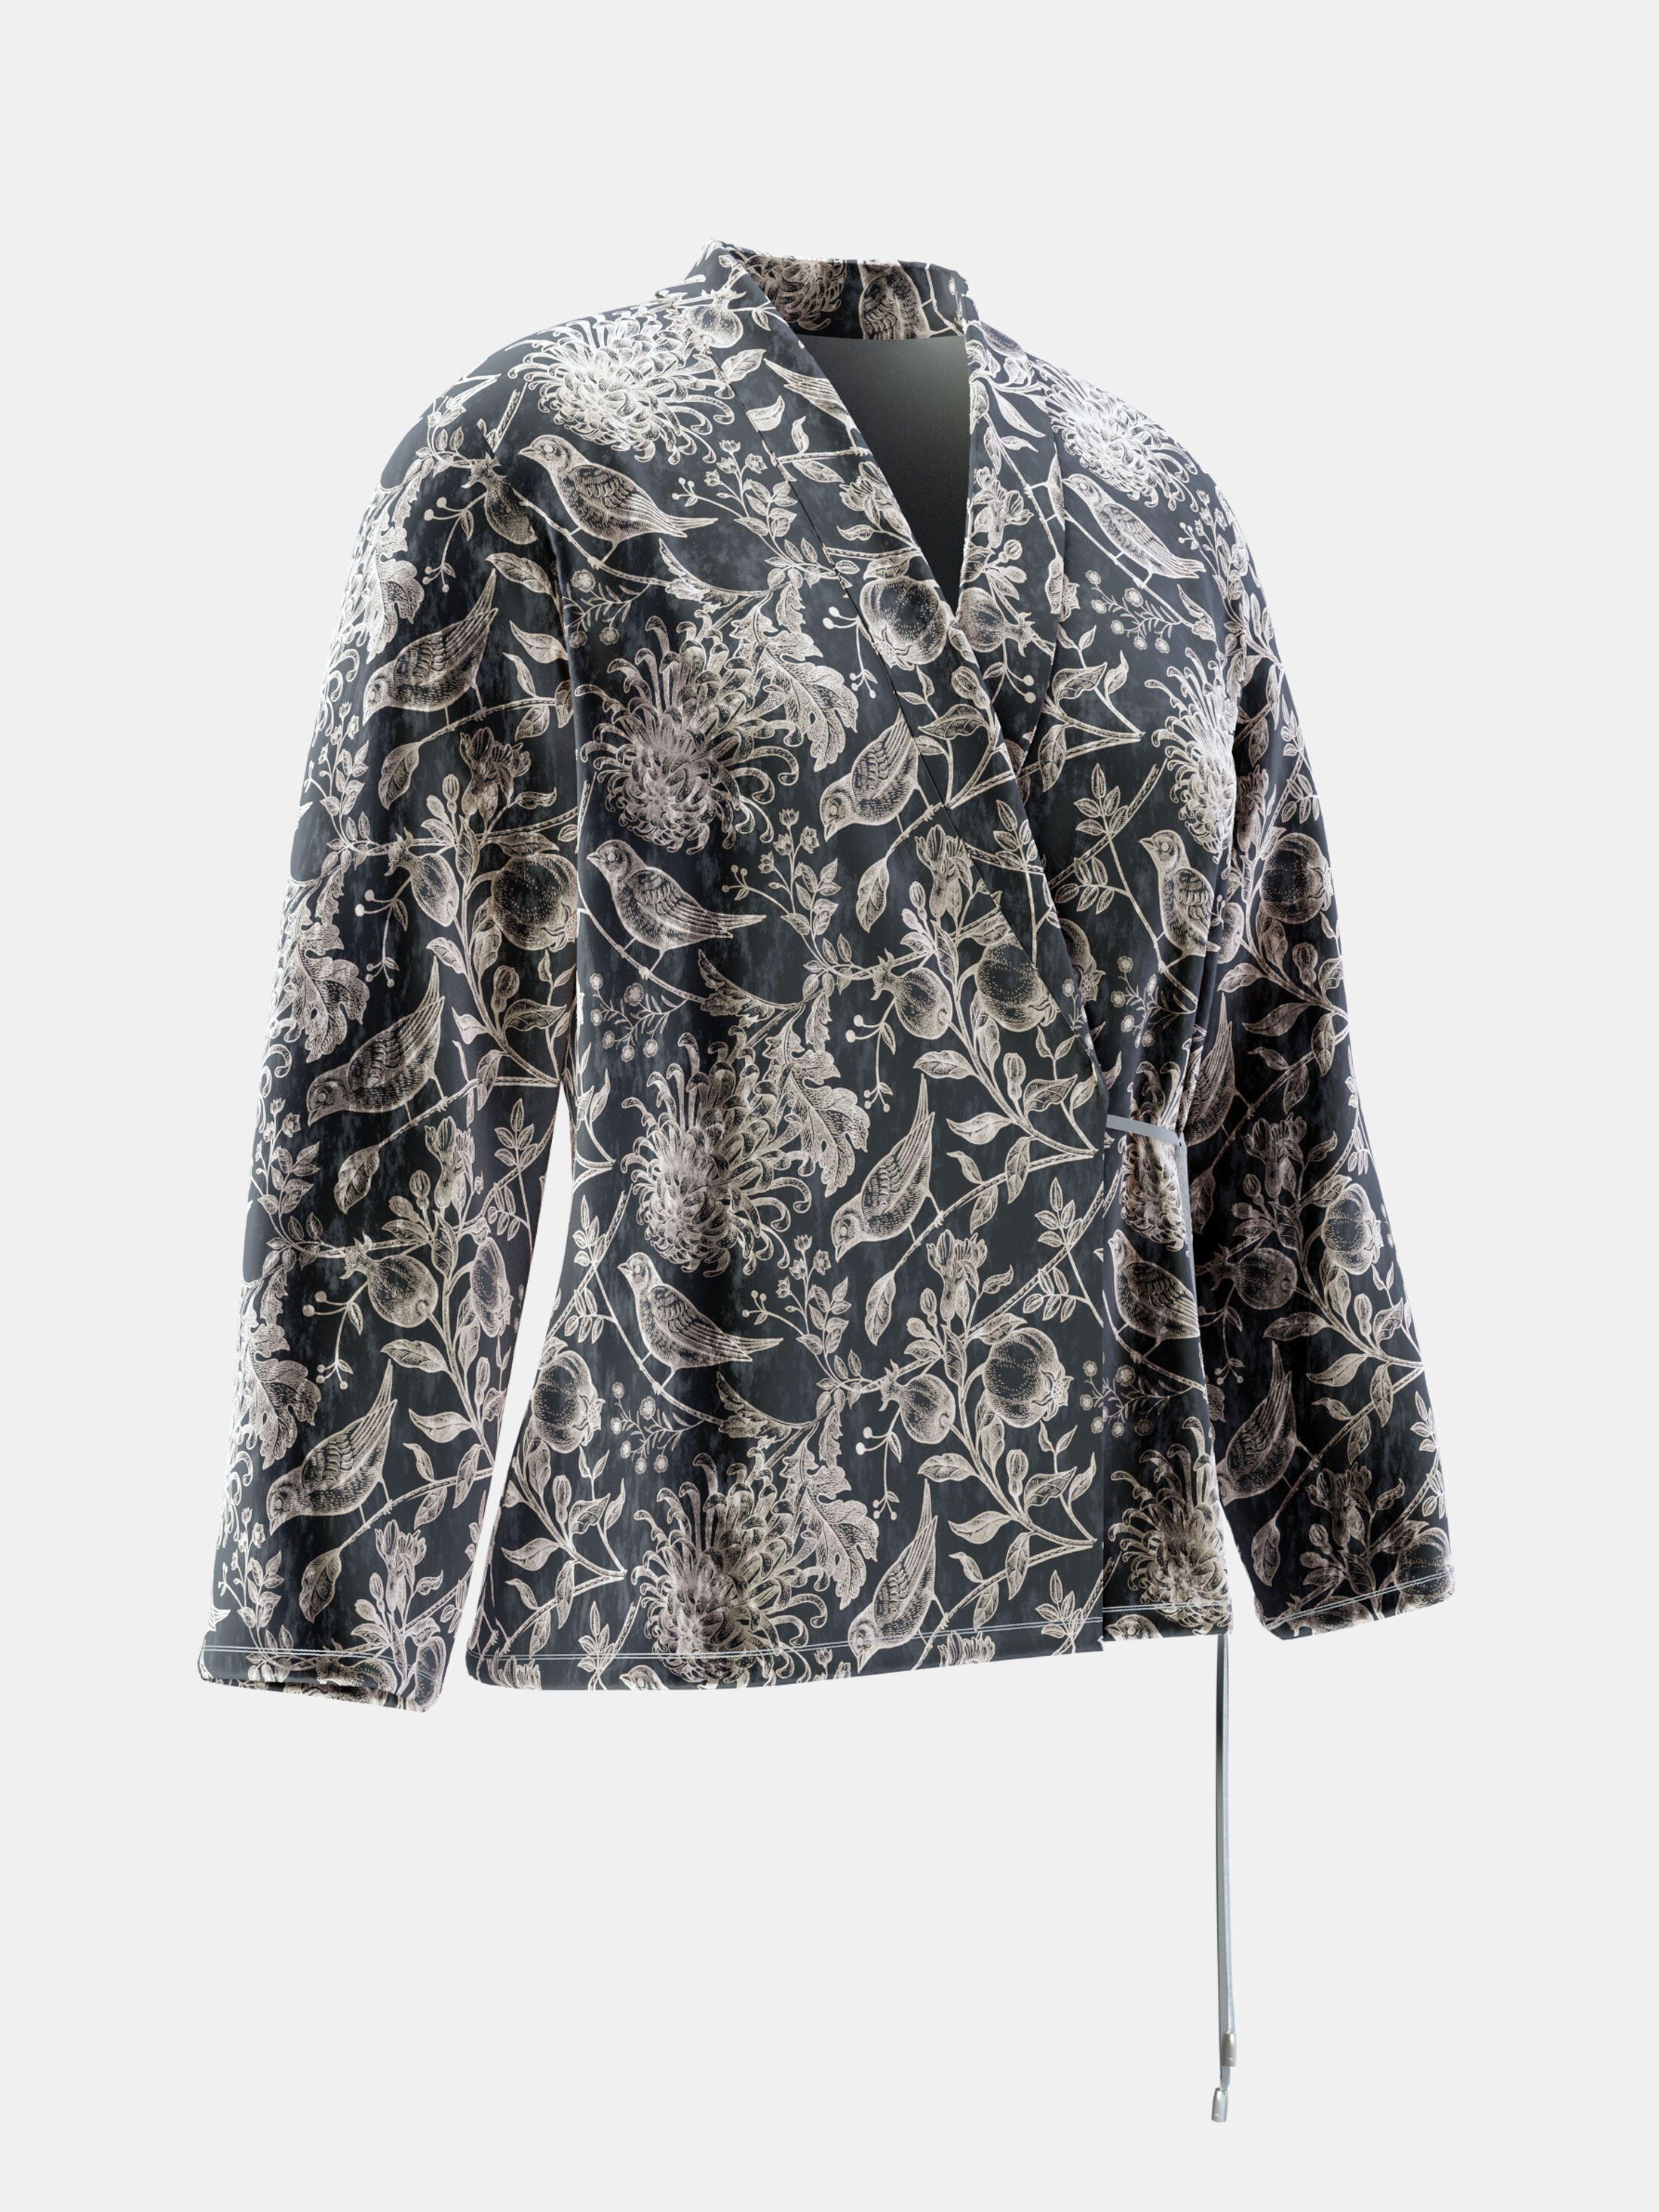 giacche a portafoglio personalizzate